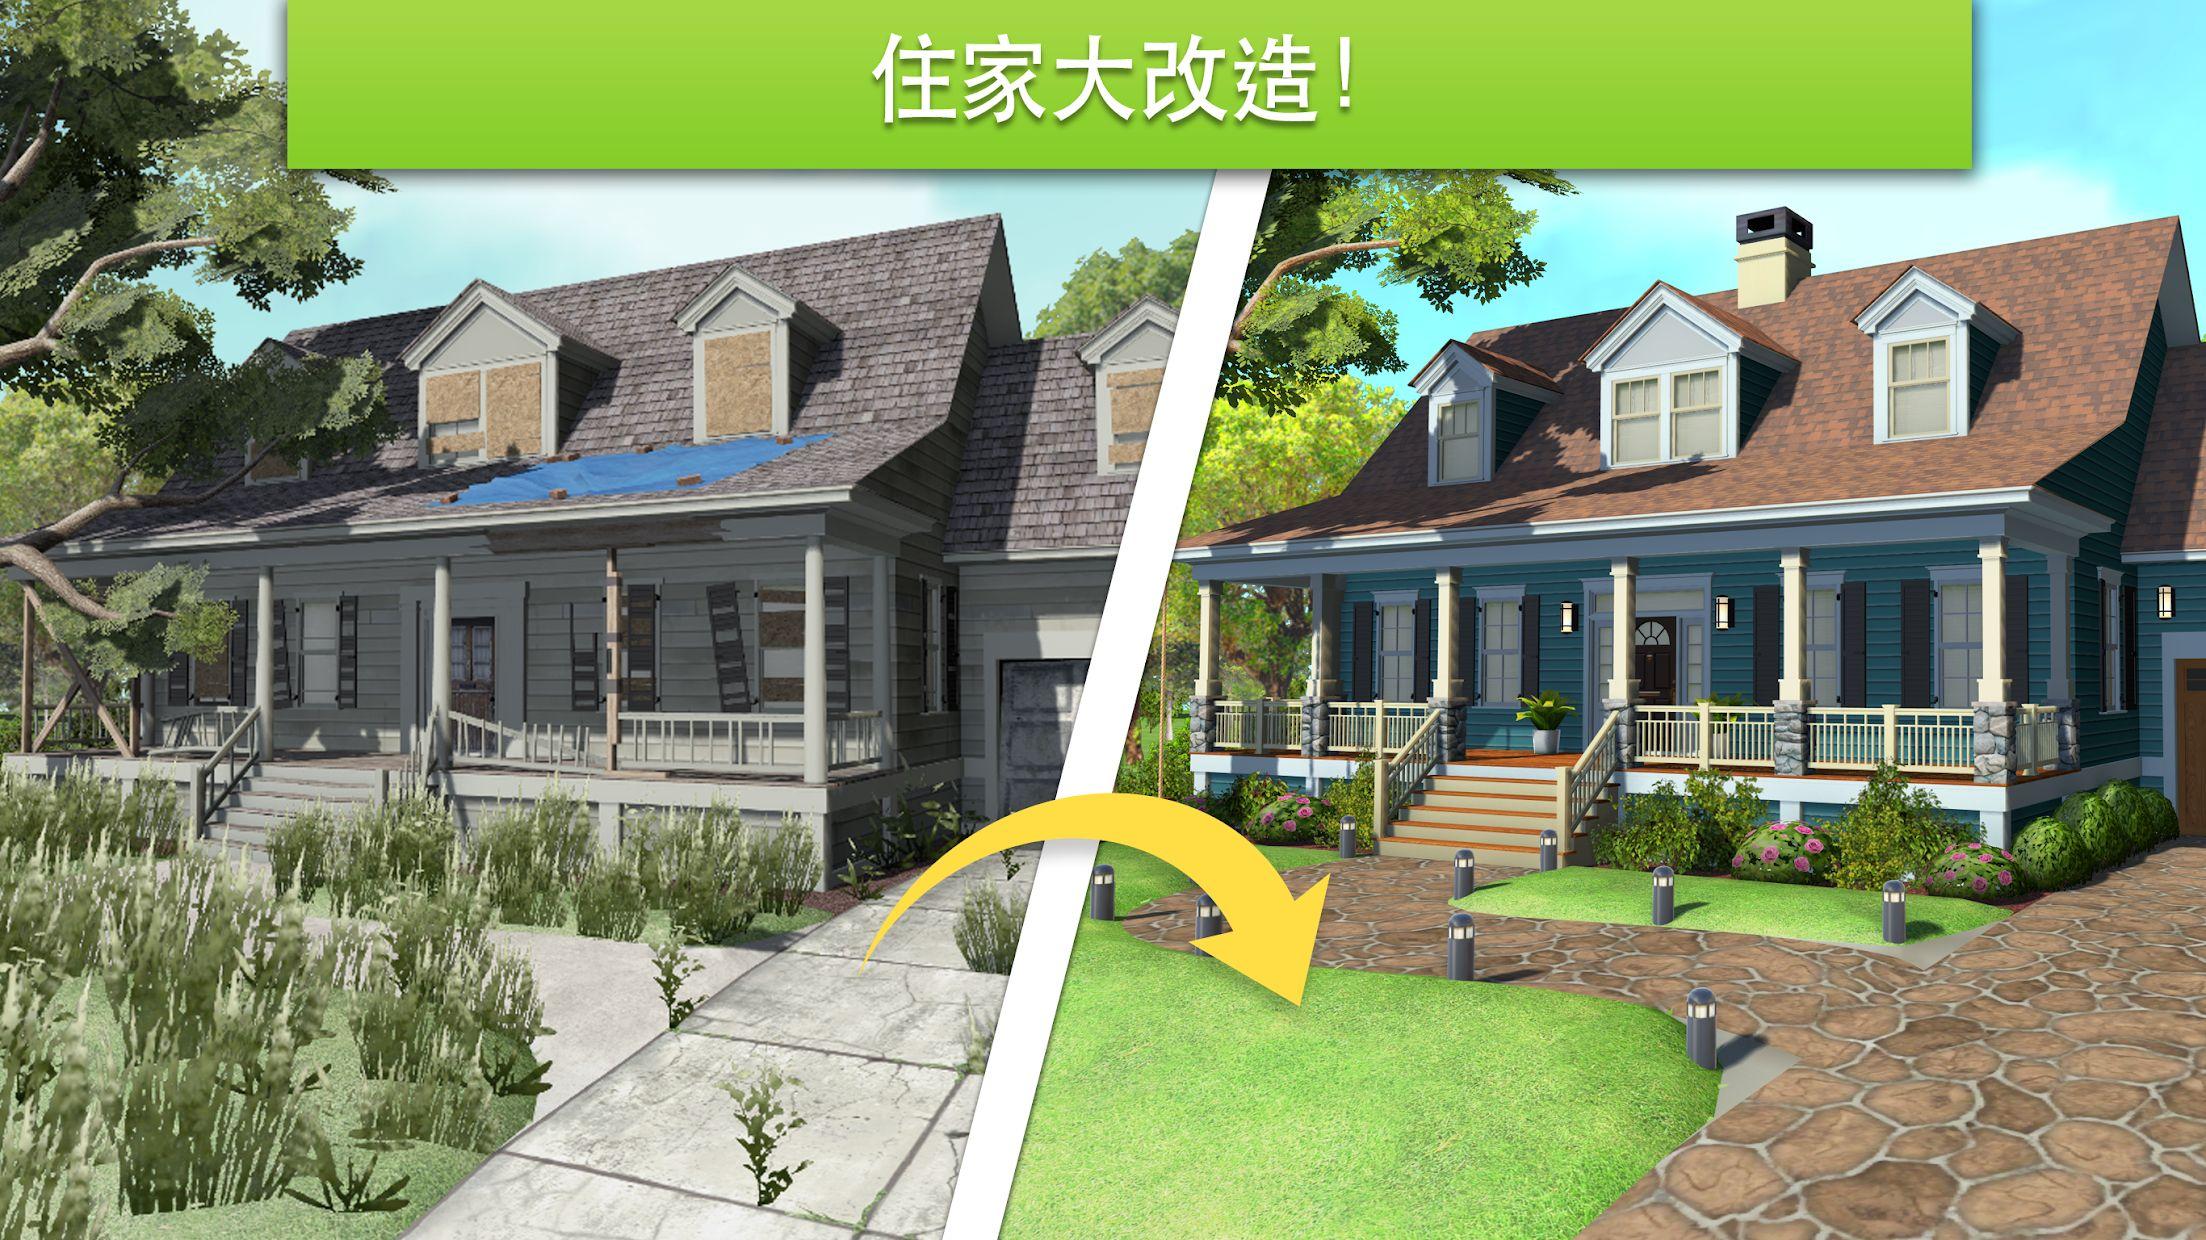 家居设计 改造王 游戏截图2